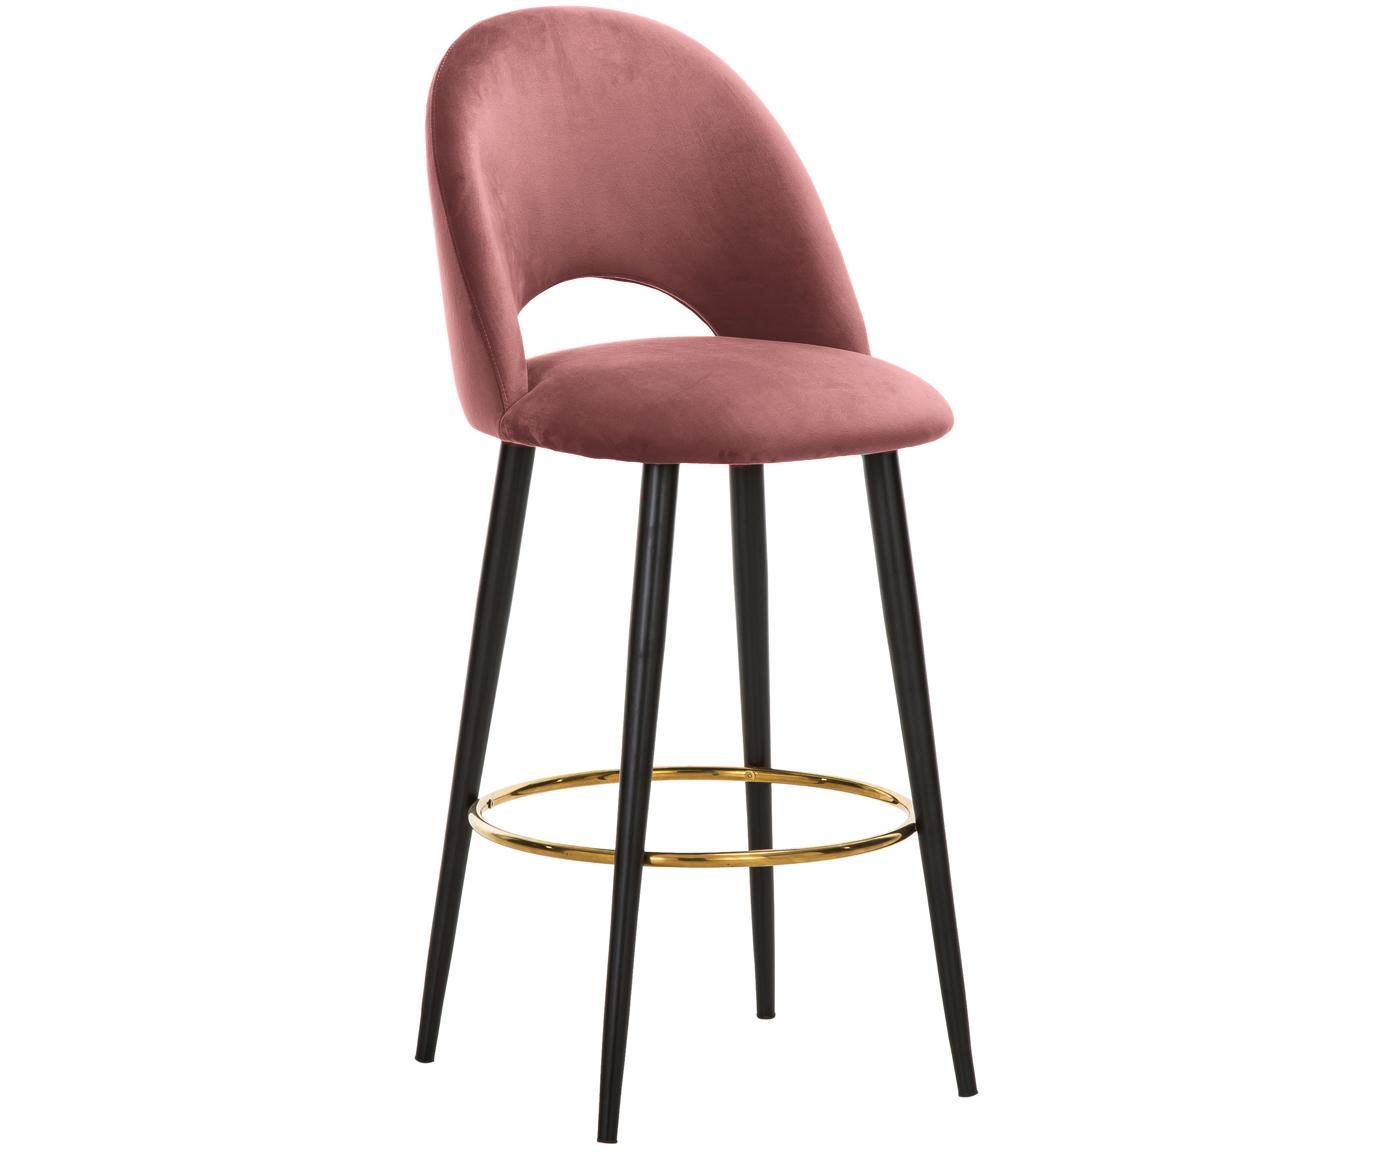 Sedia da bar in velluto Rachel, Rivestimento: velluto (poliestere) 50.0, Gambe: metallo verniciato a polv, Velluto rosa cipria, Larg. 48 x Alt. 110 cm